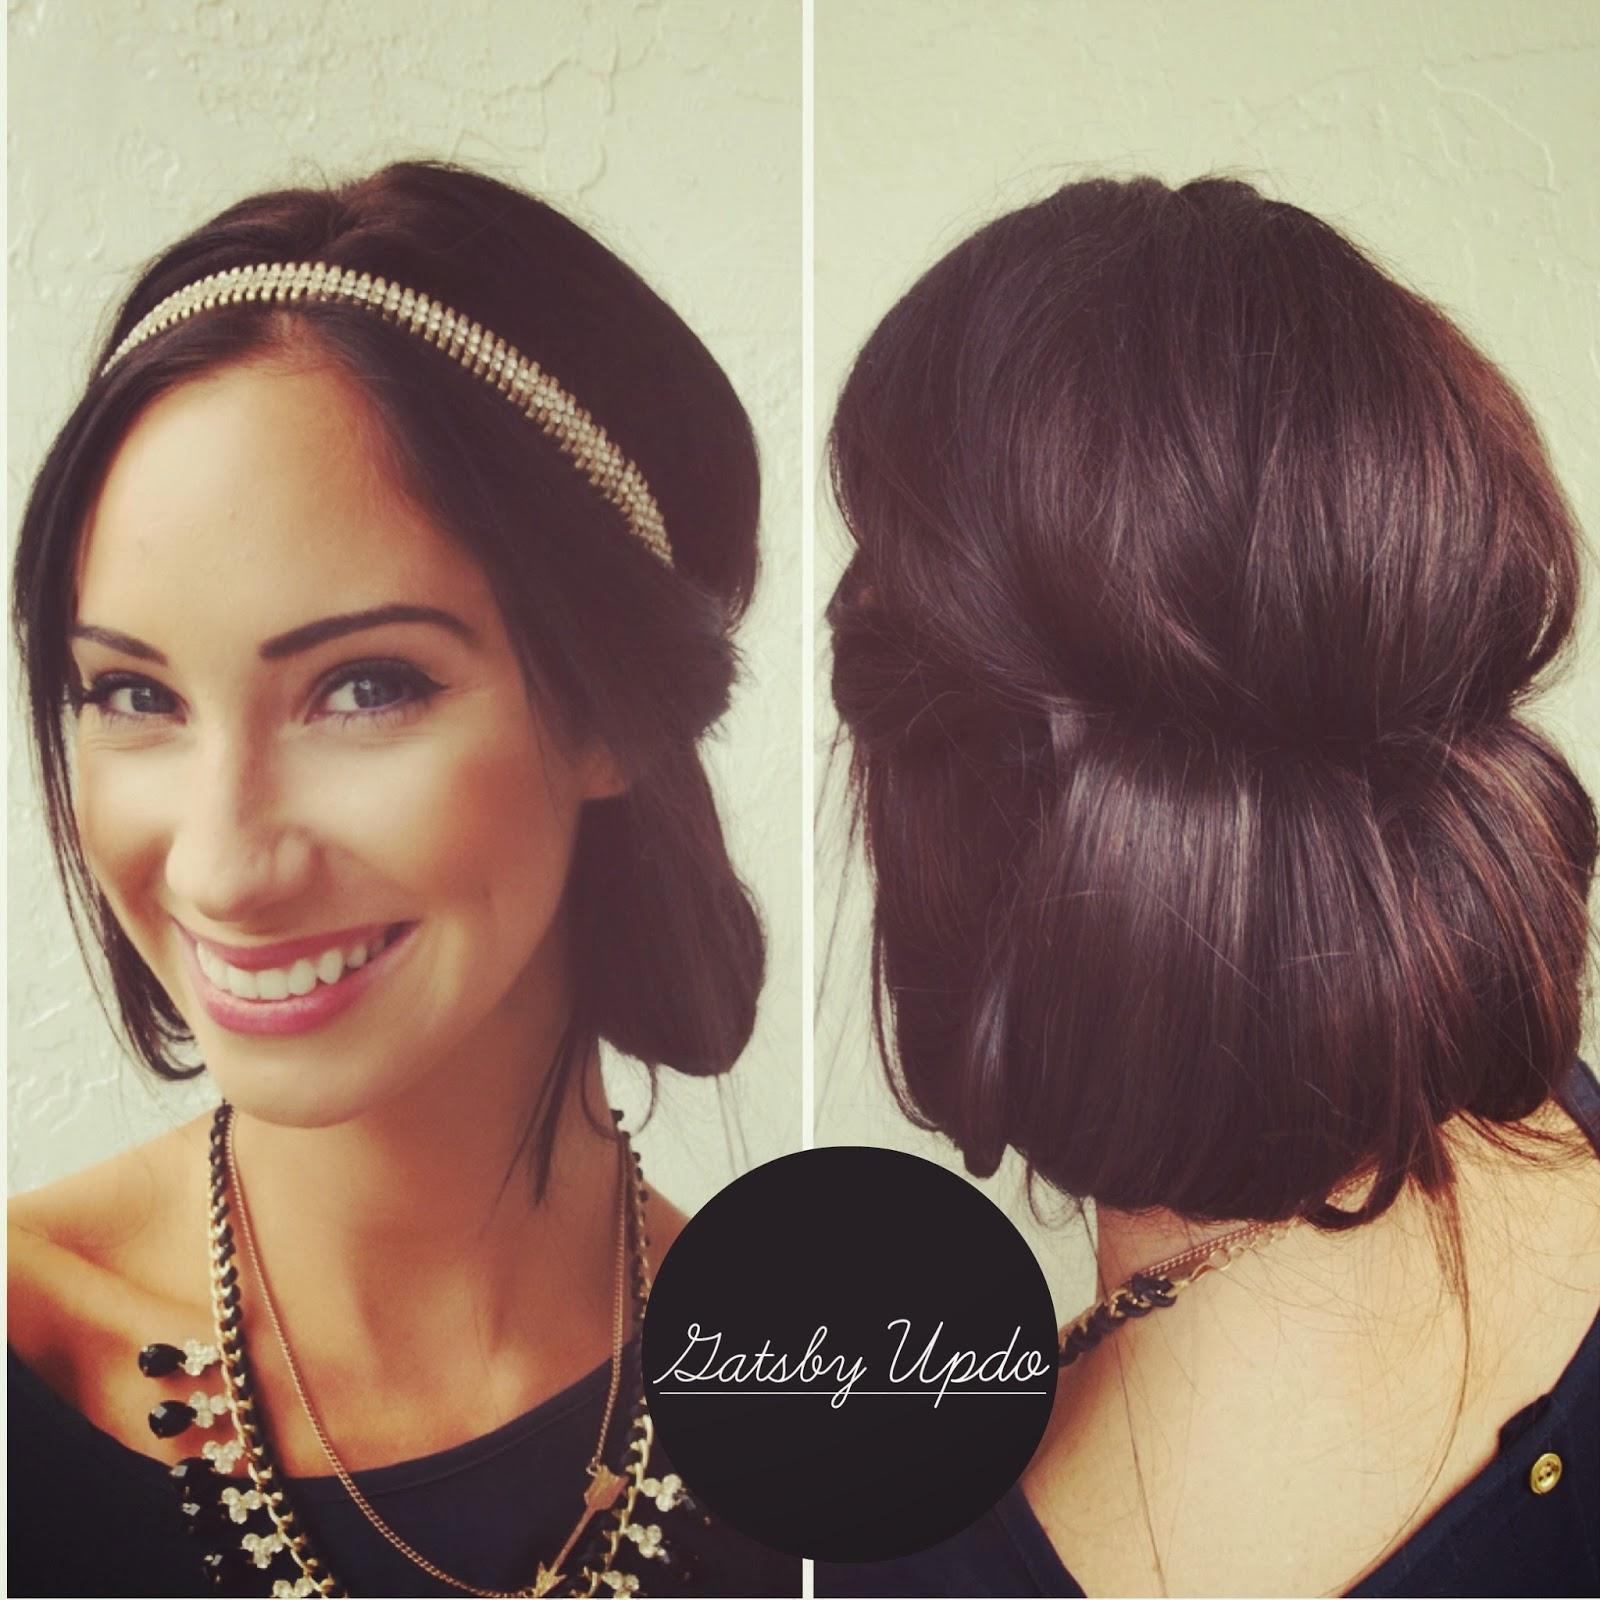 Super A Lifetime Of Rain Hair Tutorial Gatsby Updo Short Hairstyles For Black Women Fulllsitofus